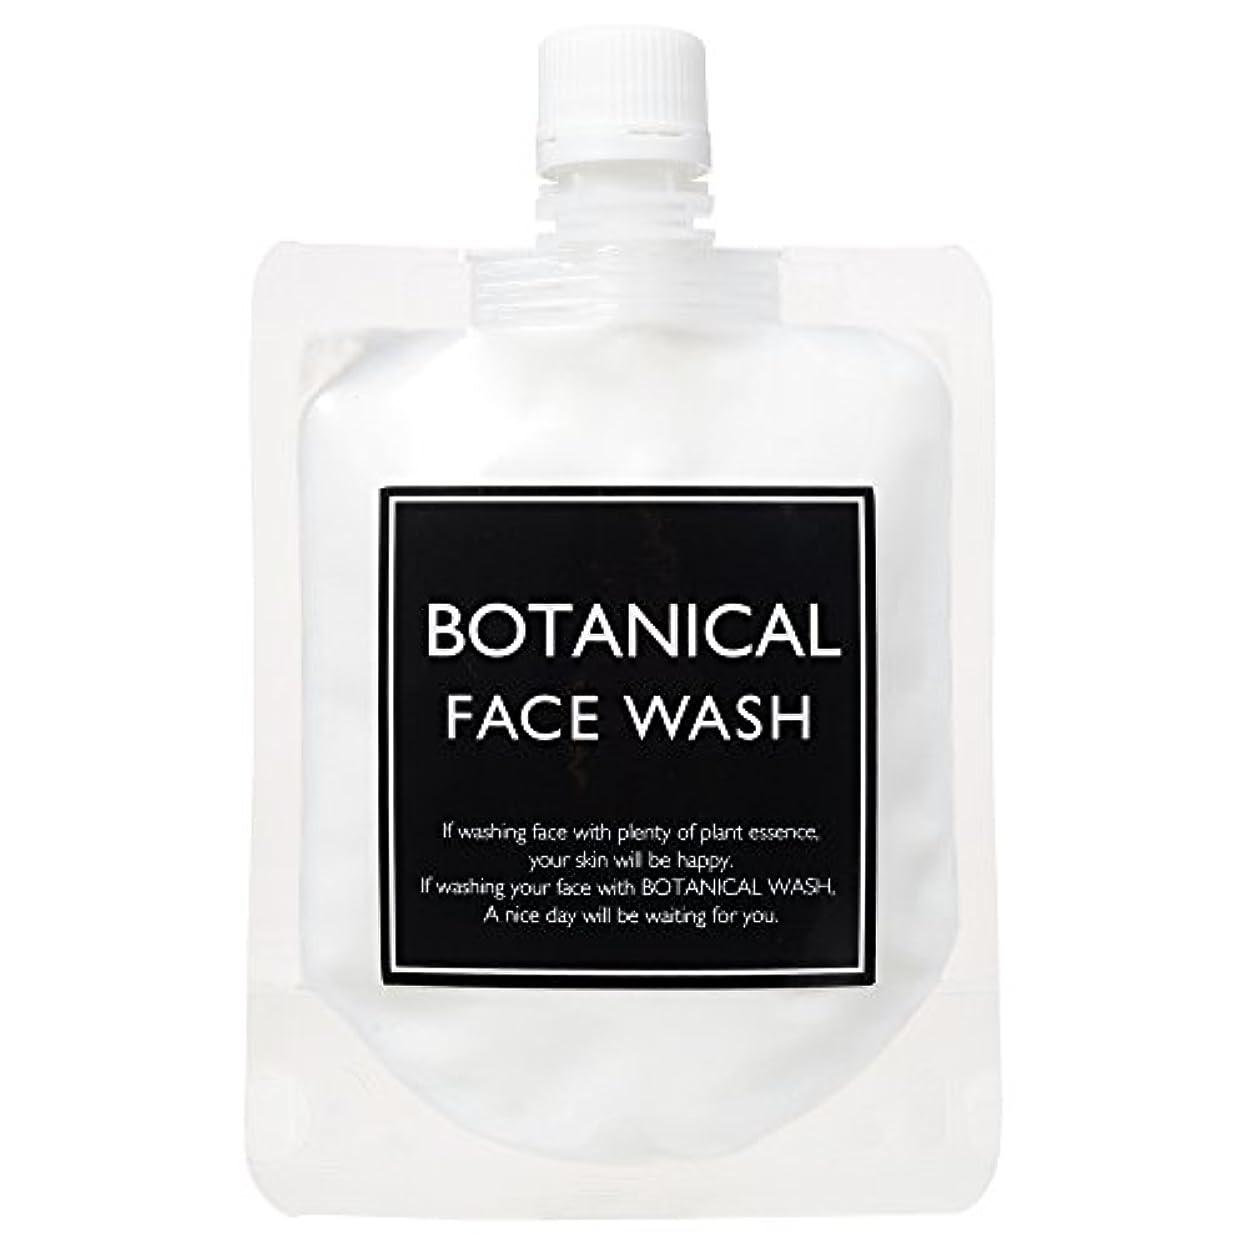 植物のまで襟【BOTANICAL FACE WASH】 ボタニカル フェイスウォッシュ 150g 泡洗顔